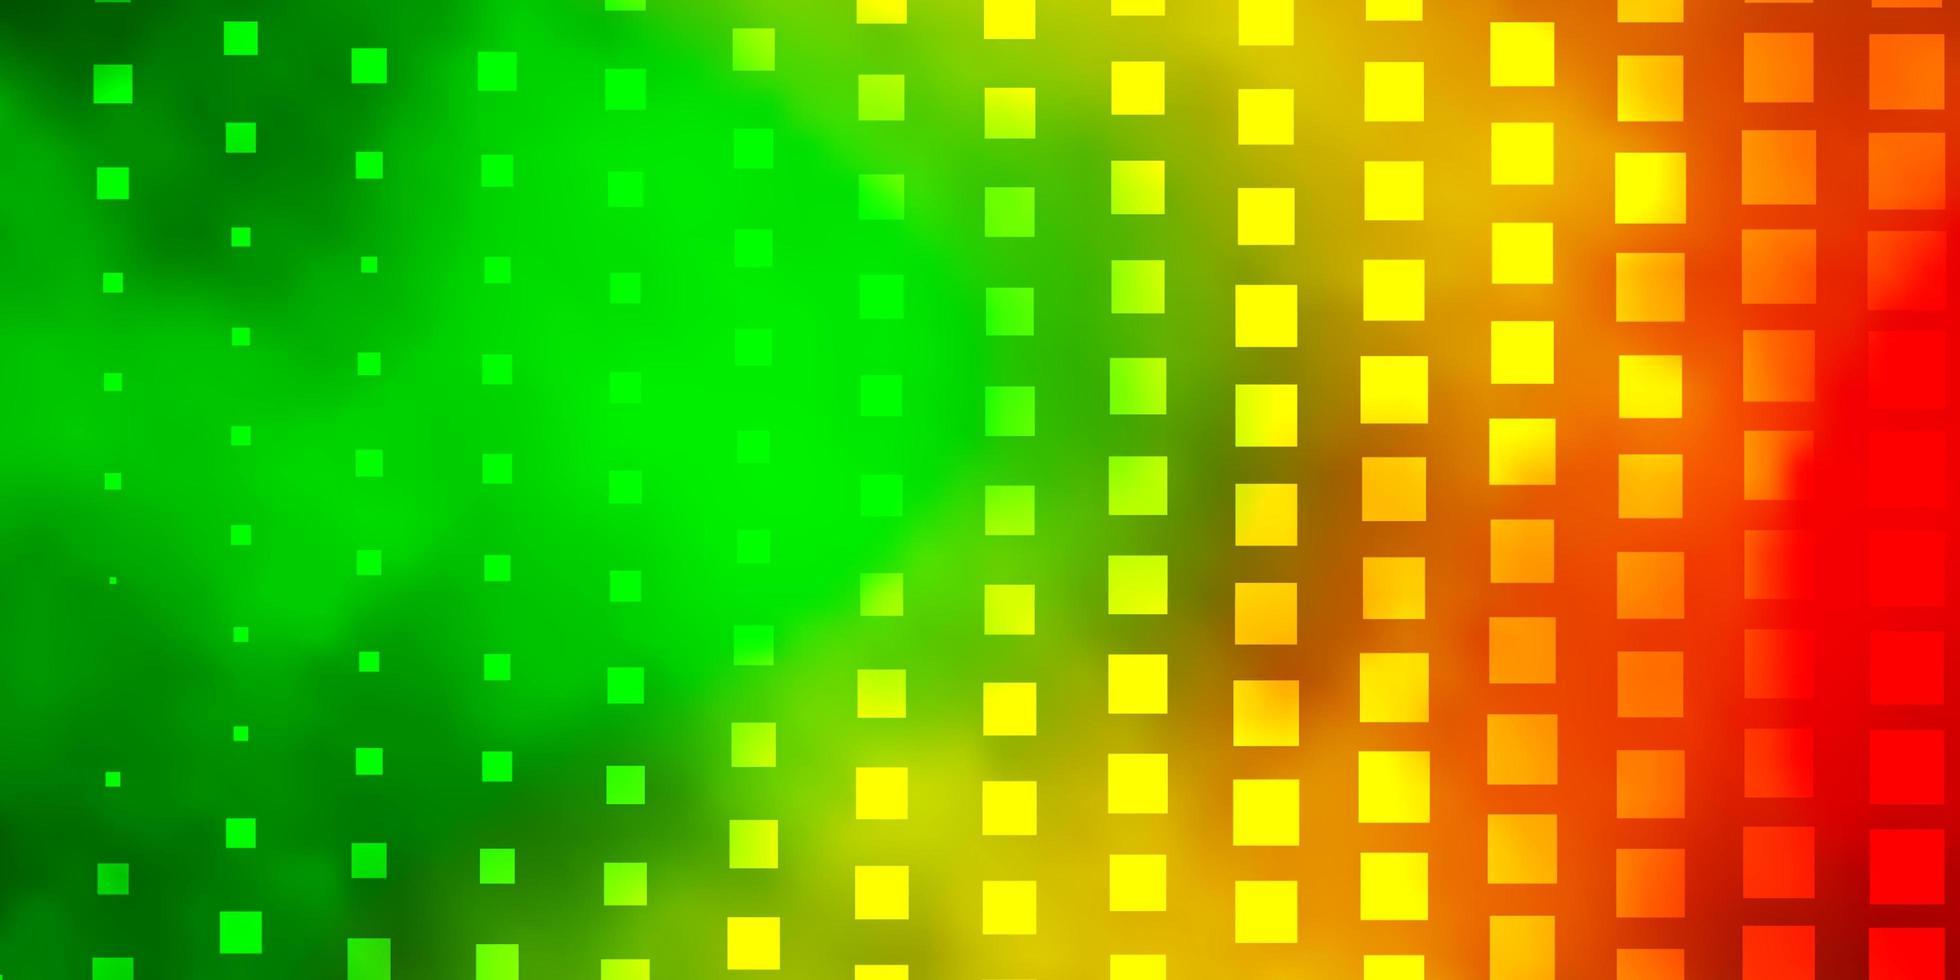 donkergroene, gele achtergrond met rechthoeken. vector